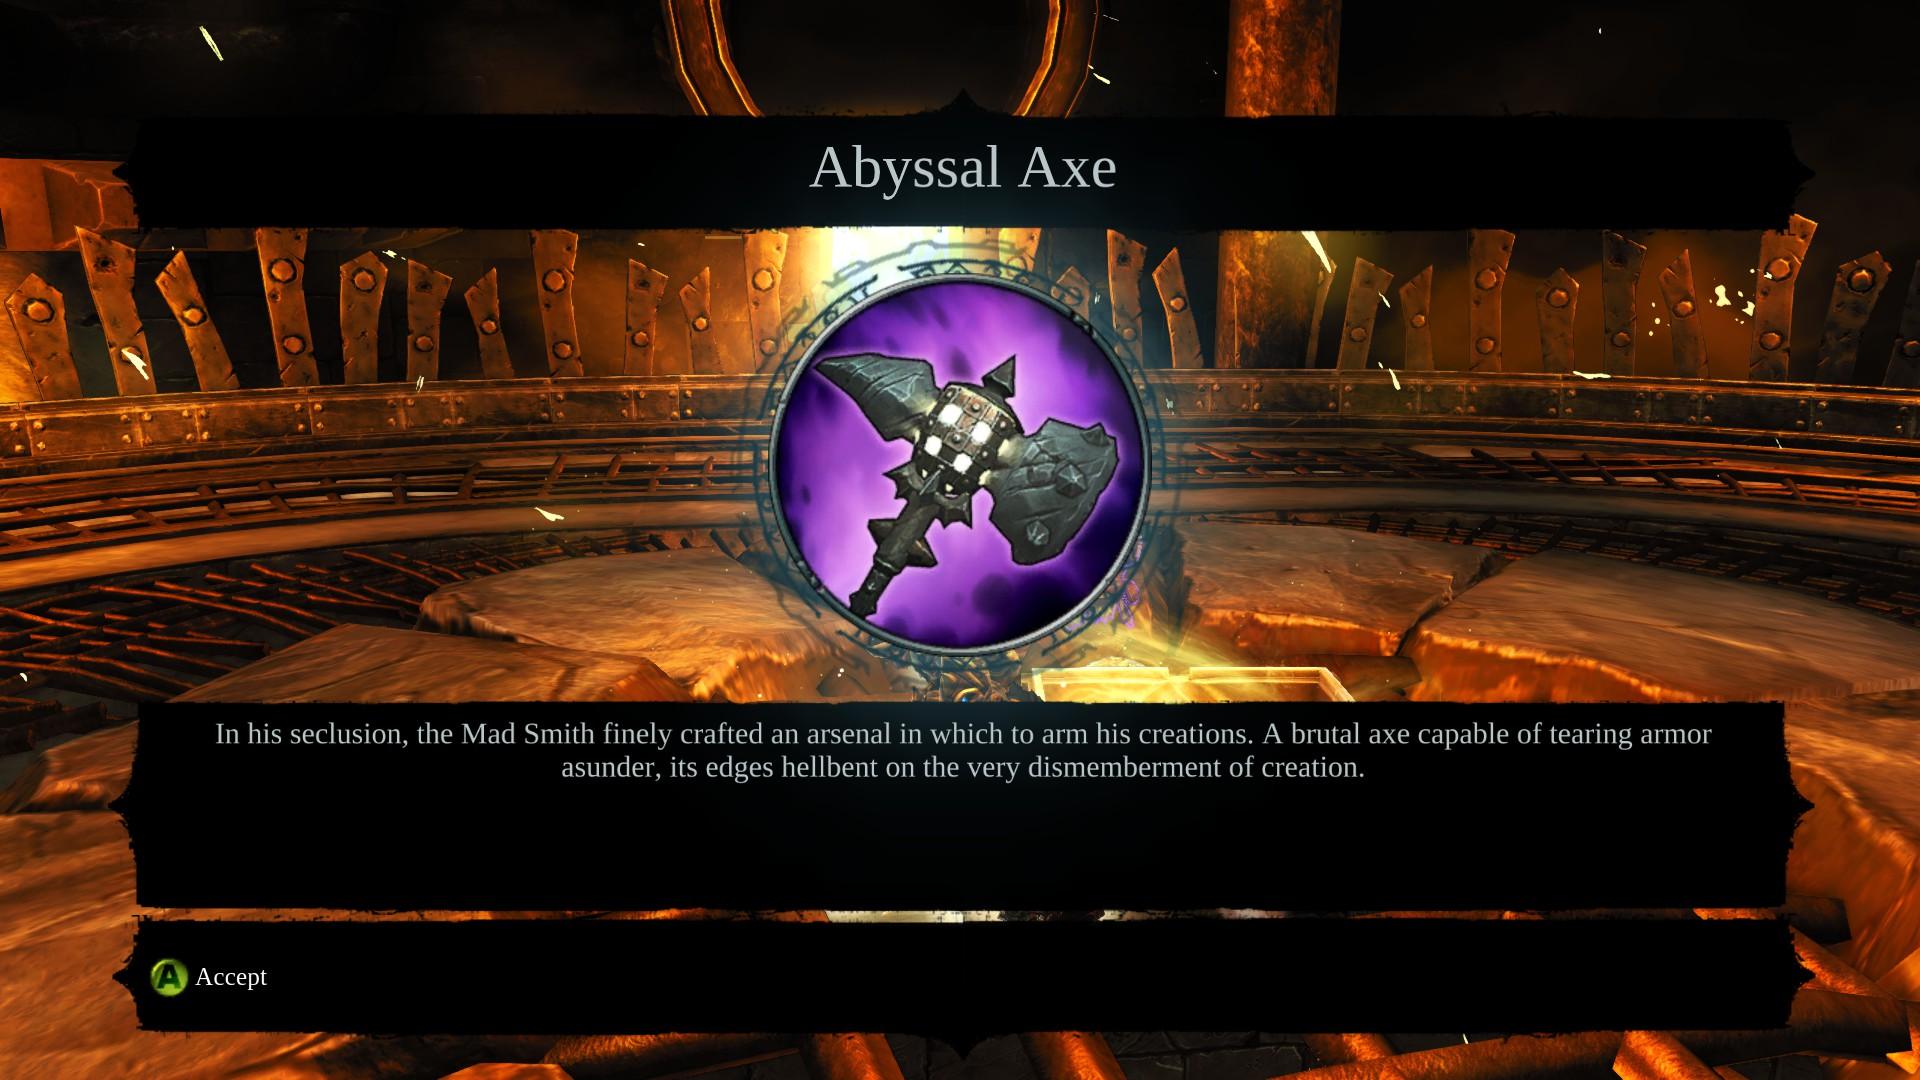 Abyssal Axe